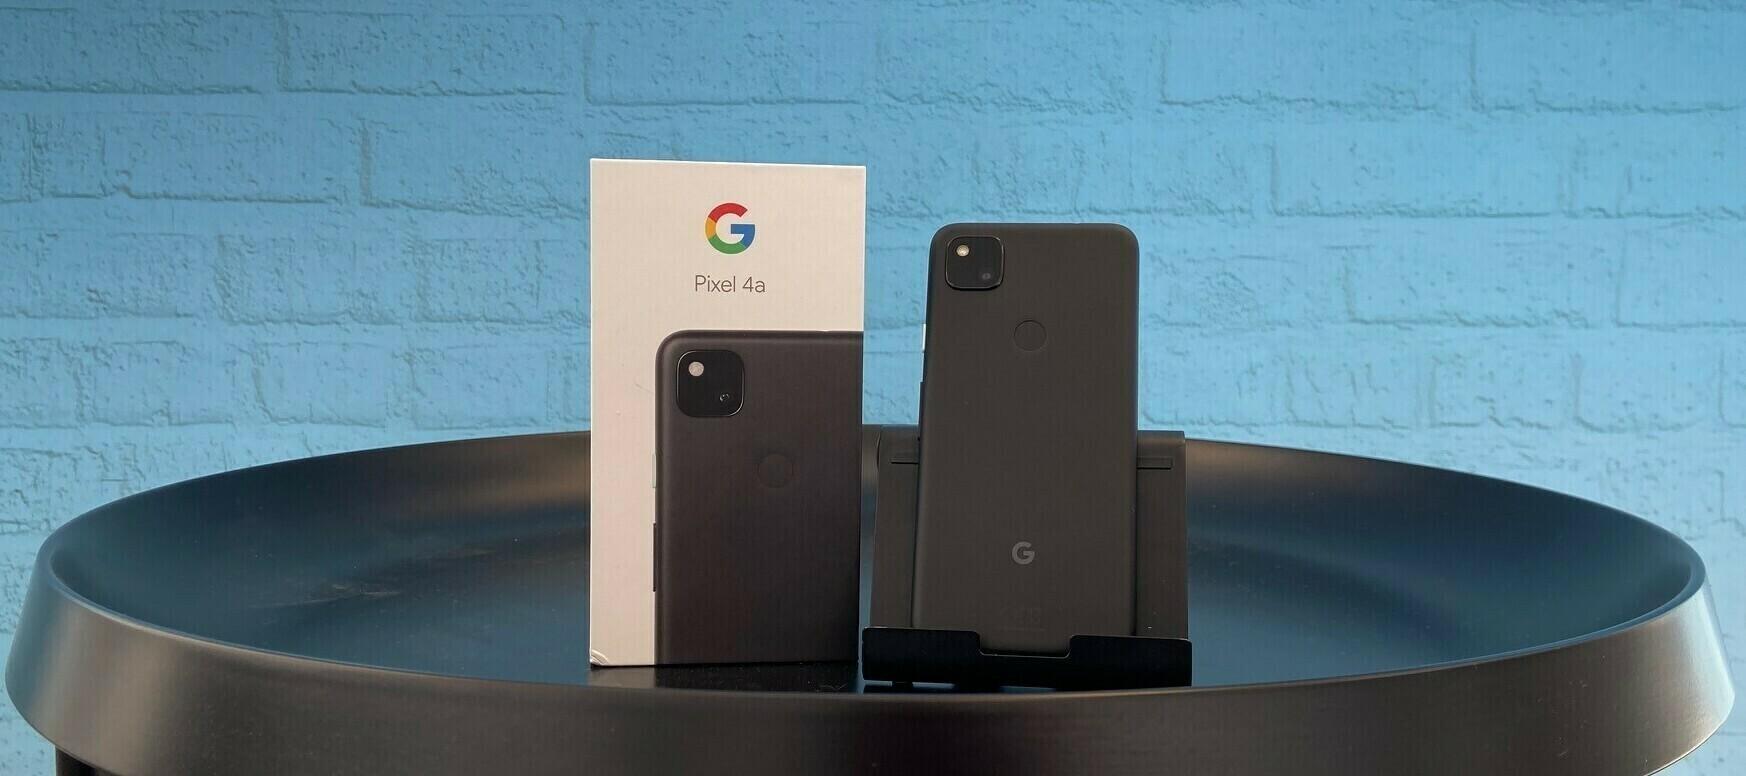 Google Pixel 4a Testgerät - Wir suchen eine*n Produkttester*in #teampixel